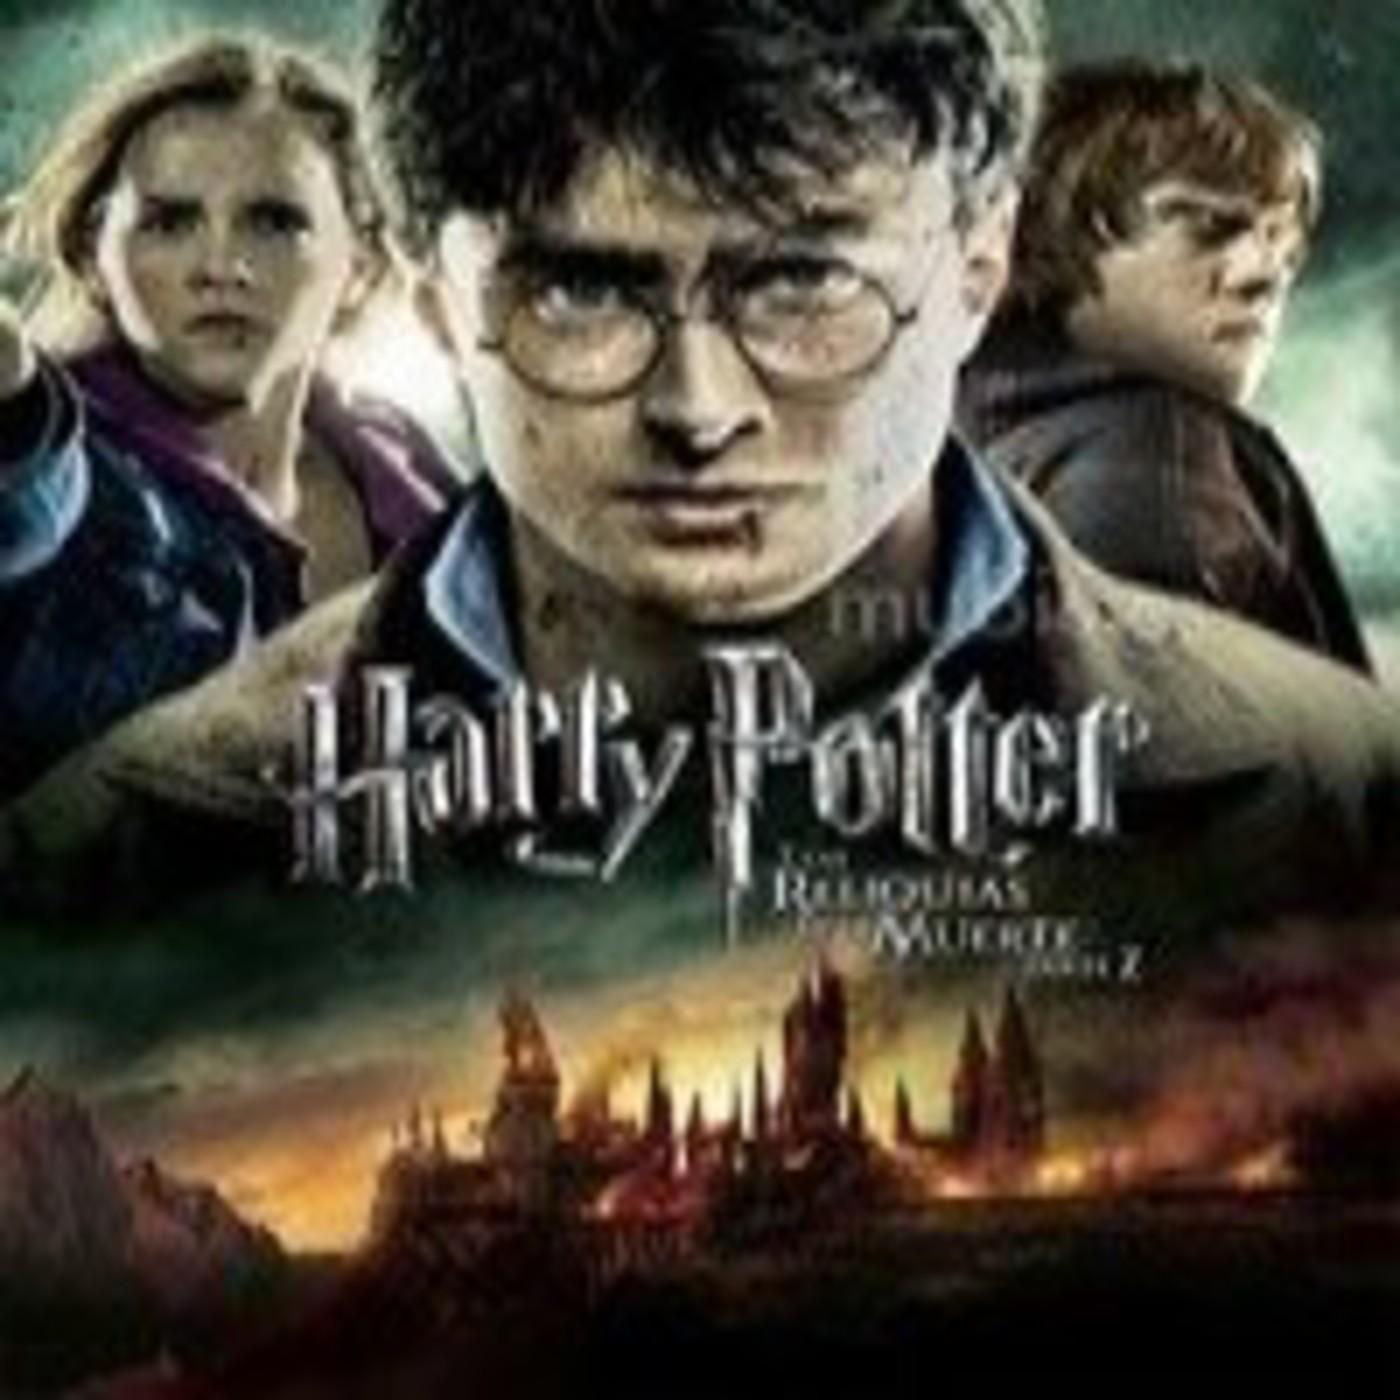 Harry Potter Y Las Reliquias De La Muerte Parte Ii Fantastico 2011 En Escuchando Peliculas En Mp3 26 01 A Las 12 11 30 02 06 27 3998562 Ivoox